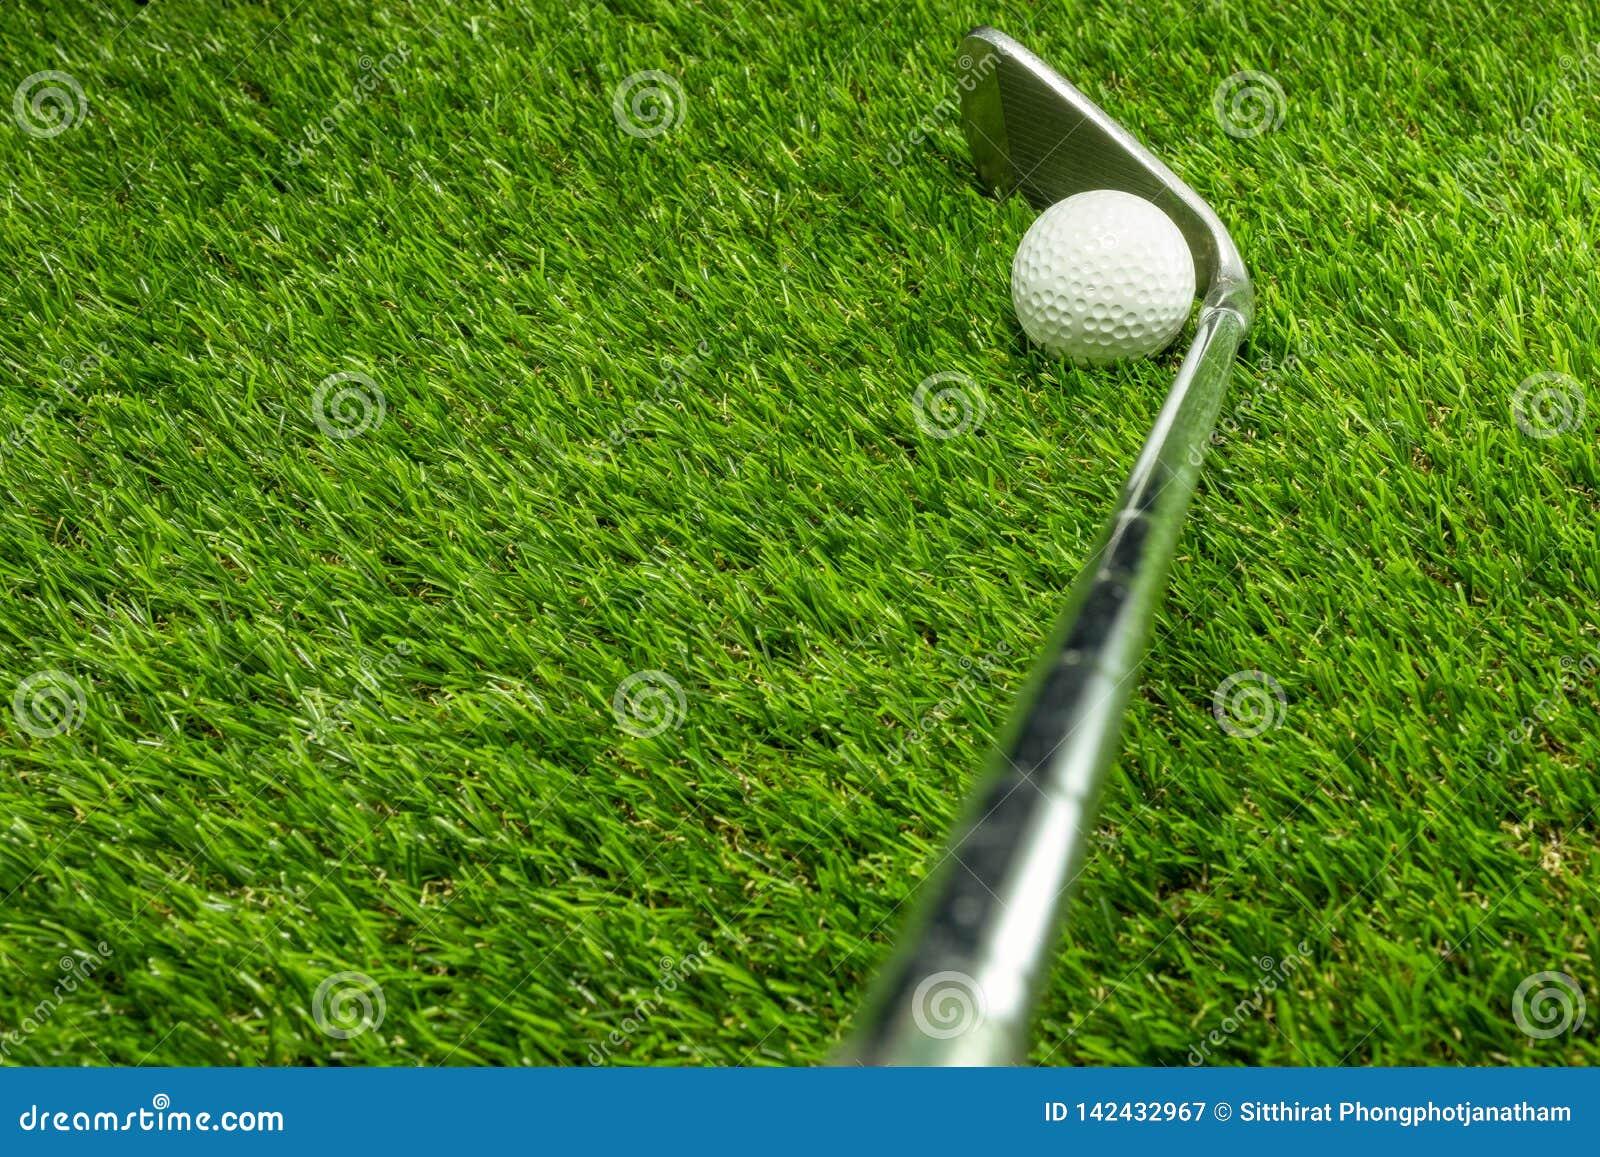 Palla da golf e club di golf su erba